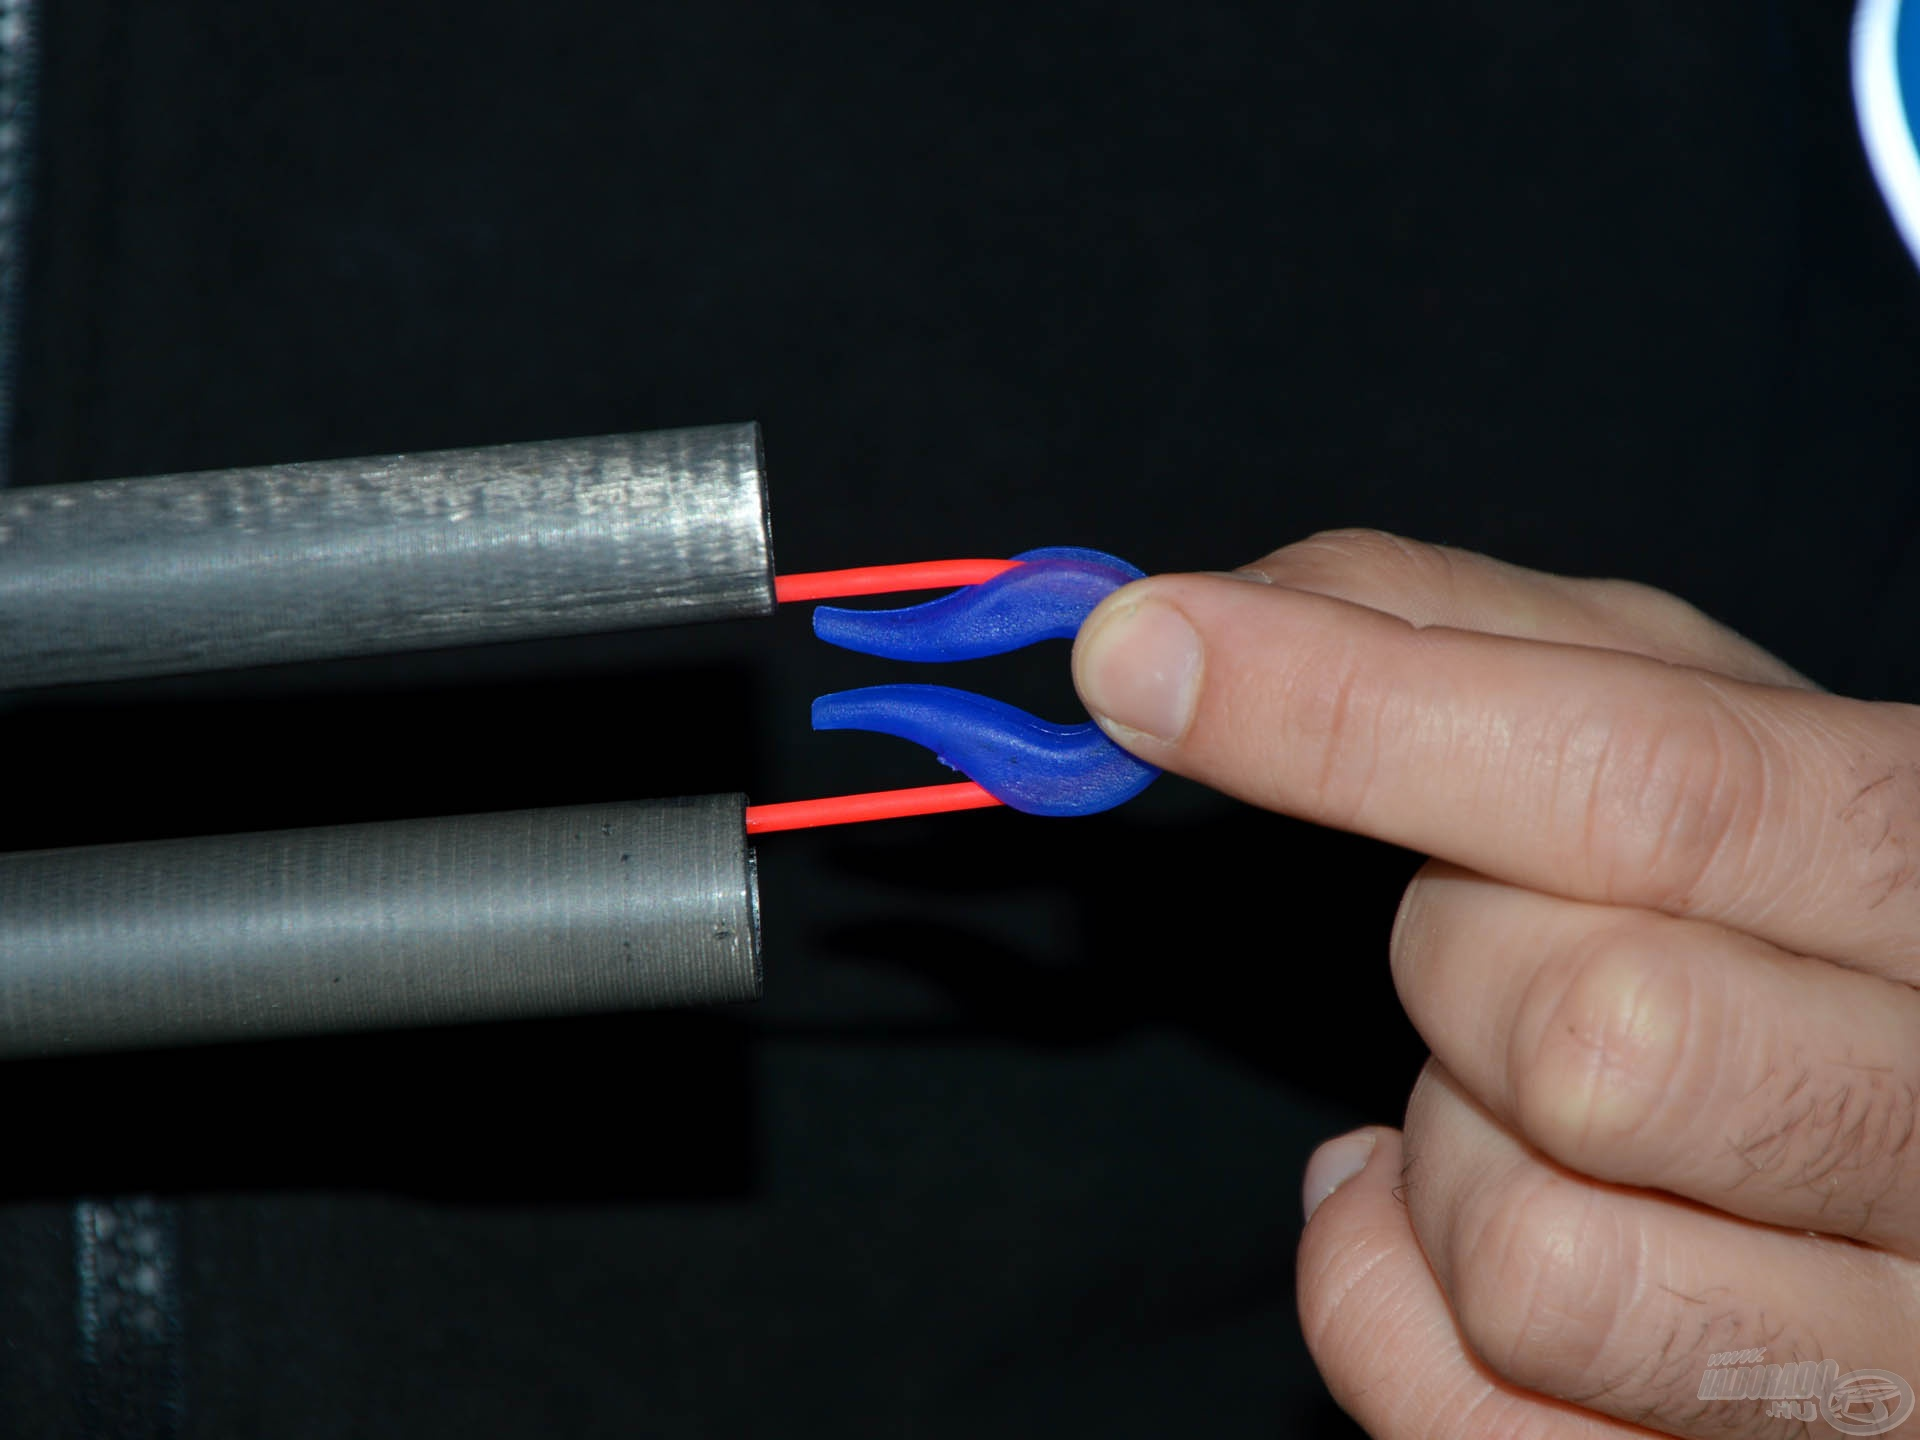 A gumizás végeztével a két tagot széthúzva, egymás mellé lehet azokat tenni, és egy gumisín segítségével még a gumi sem sérül meg